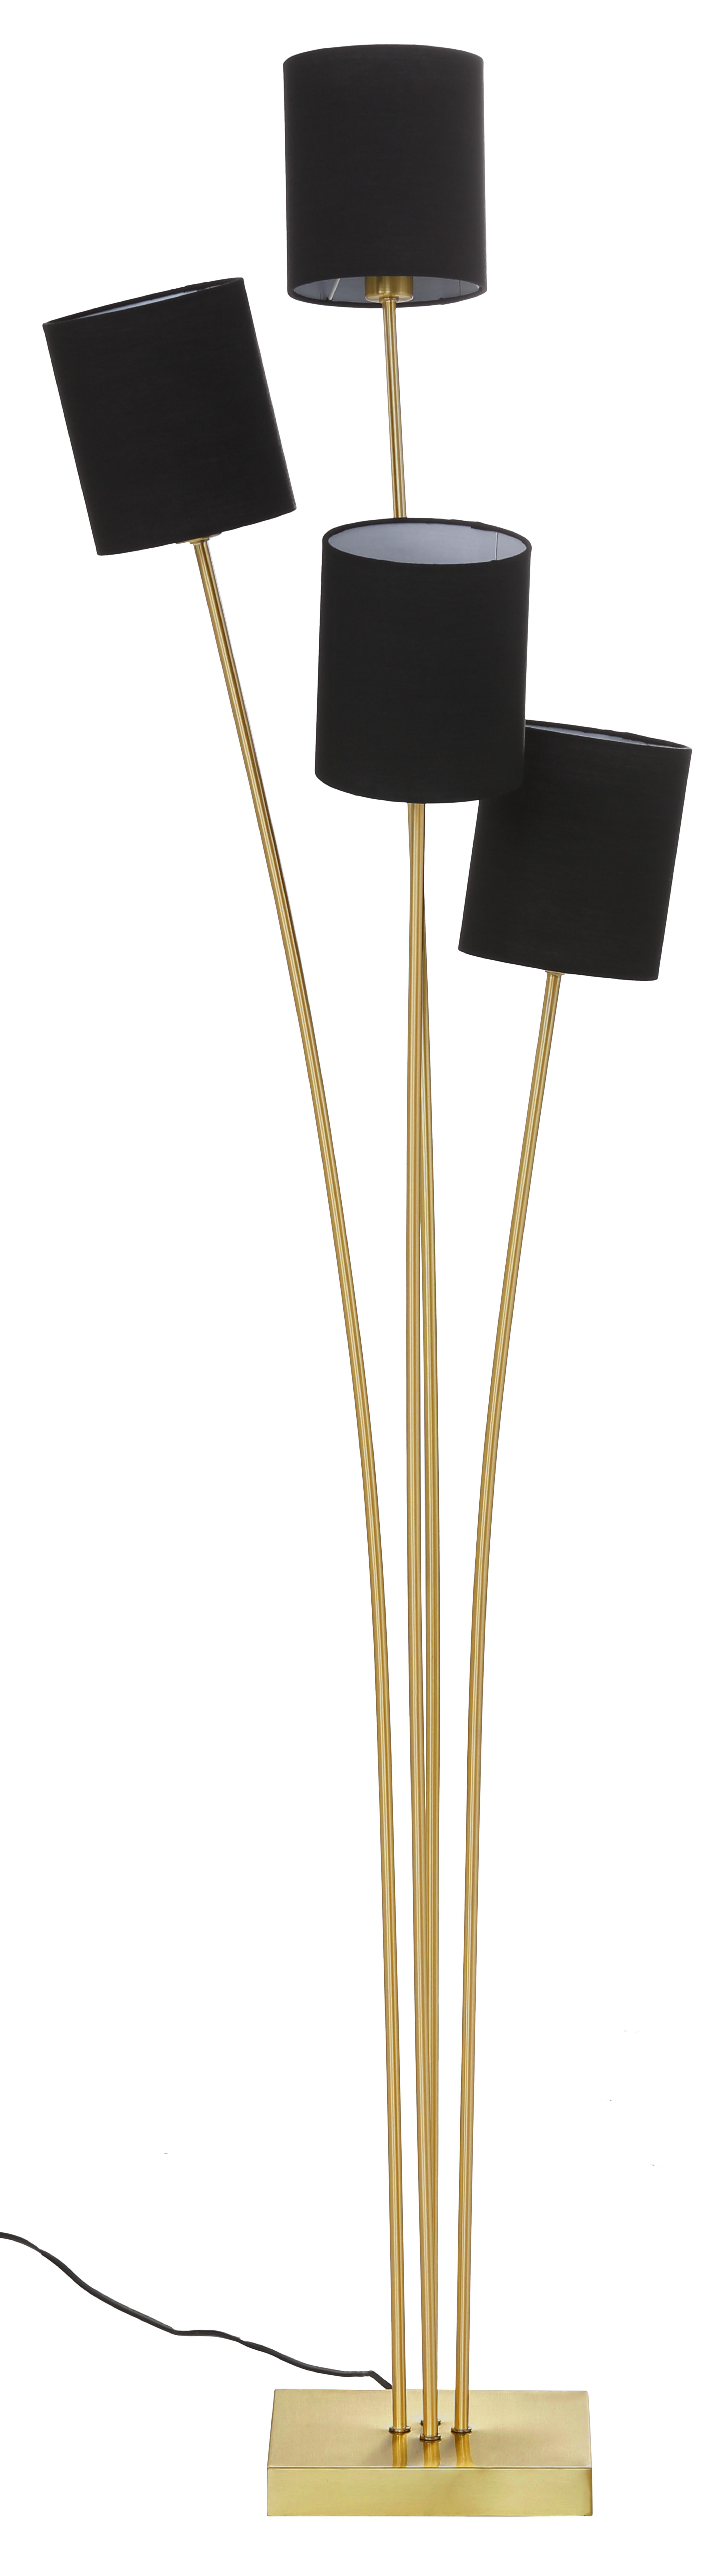 Home affaire Stehlampe »Rivera«, E14, Gestell der Stehleuchte in gold- oder nickelfarben mit Stoffschirmen in drei Farbvarianten kaufen